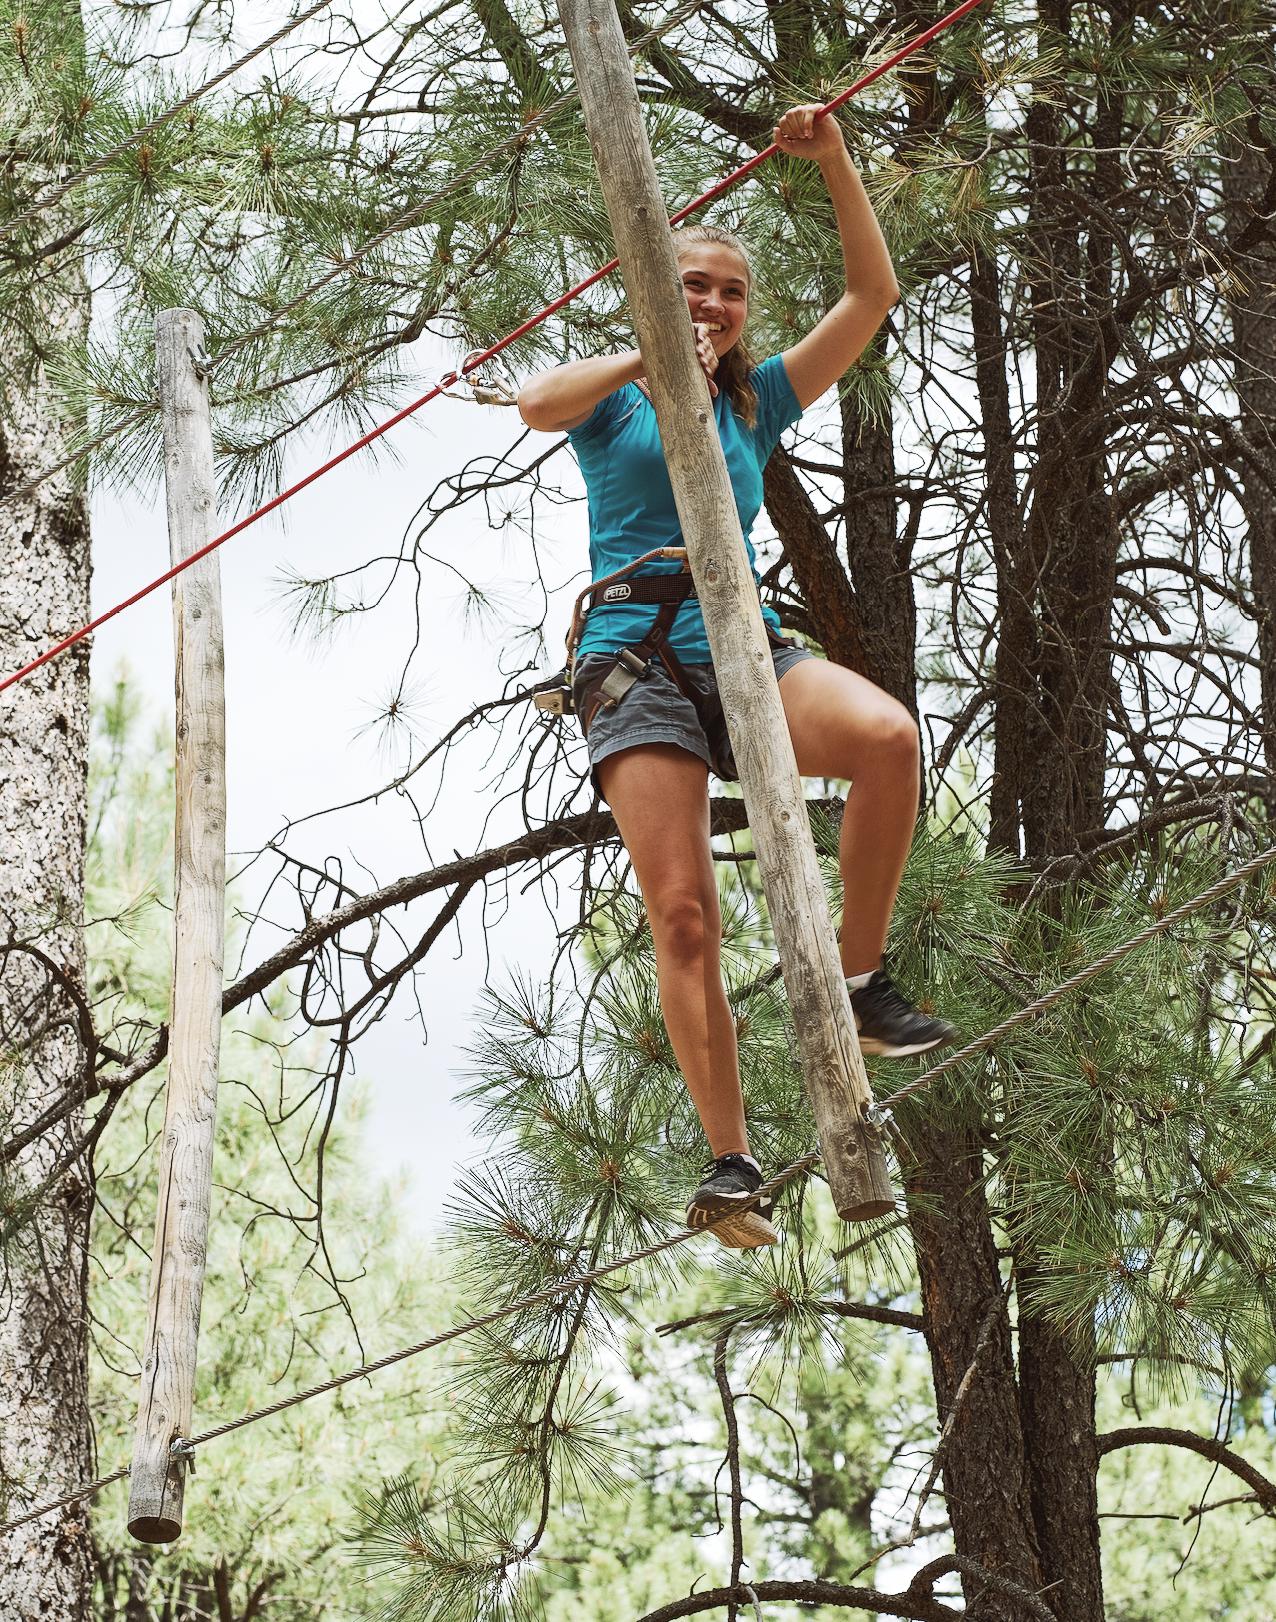 Adult Adventure Course, Zip Line, Flagstaff Activities